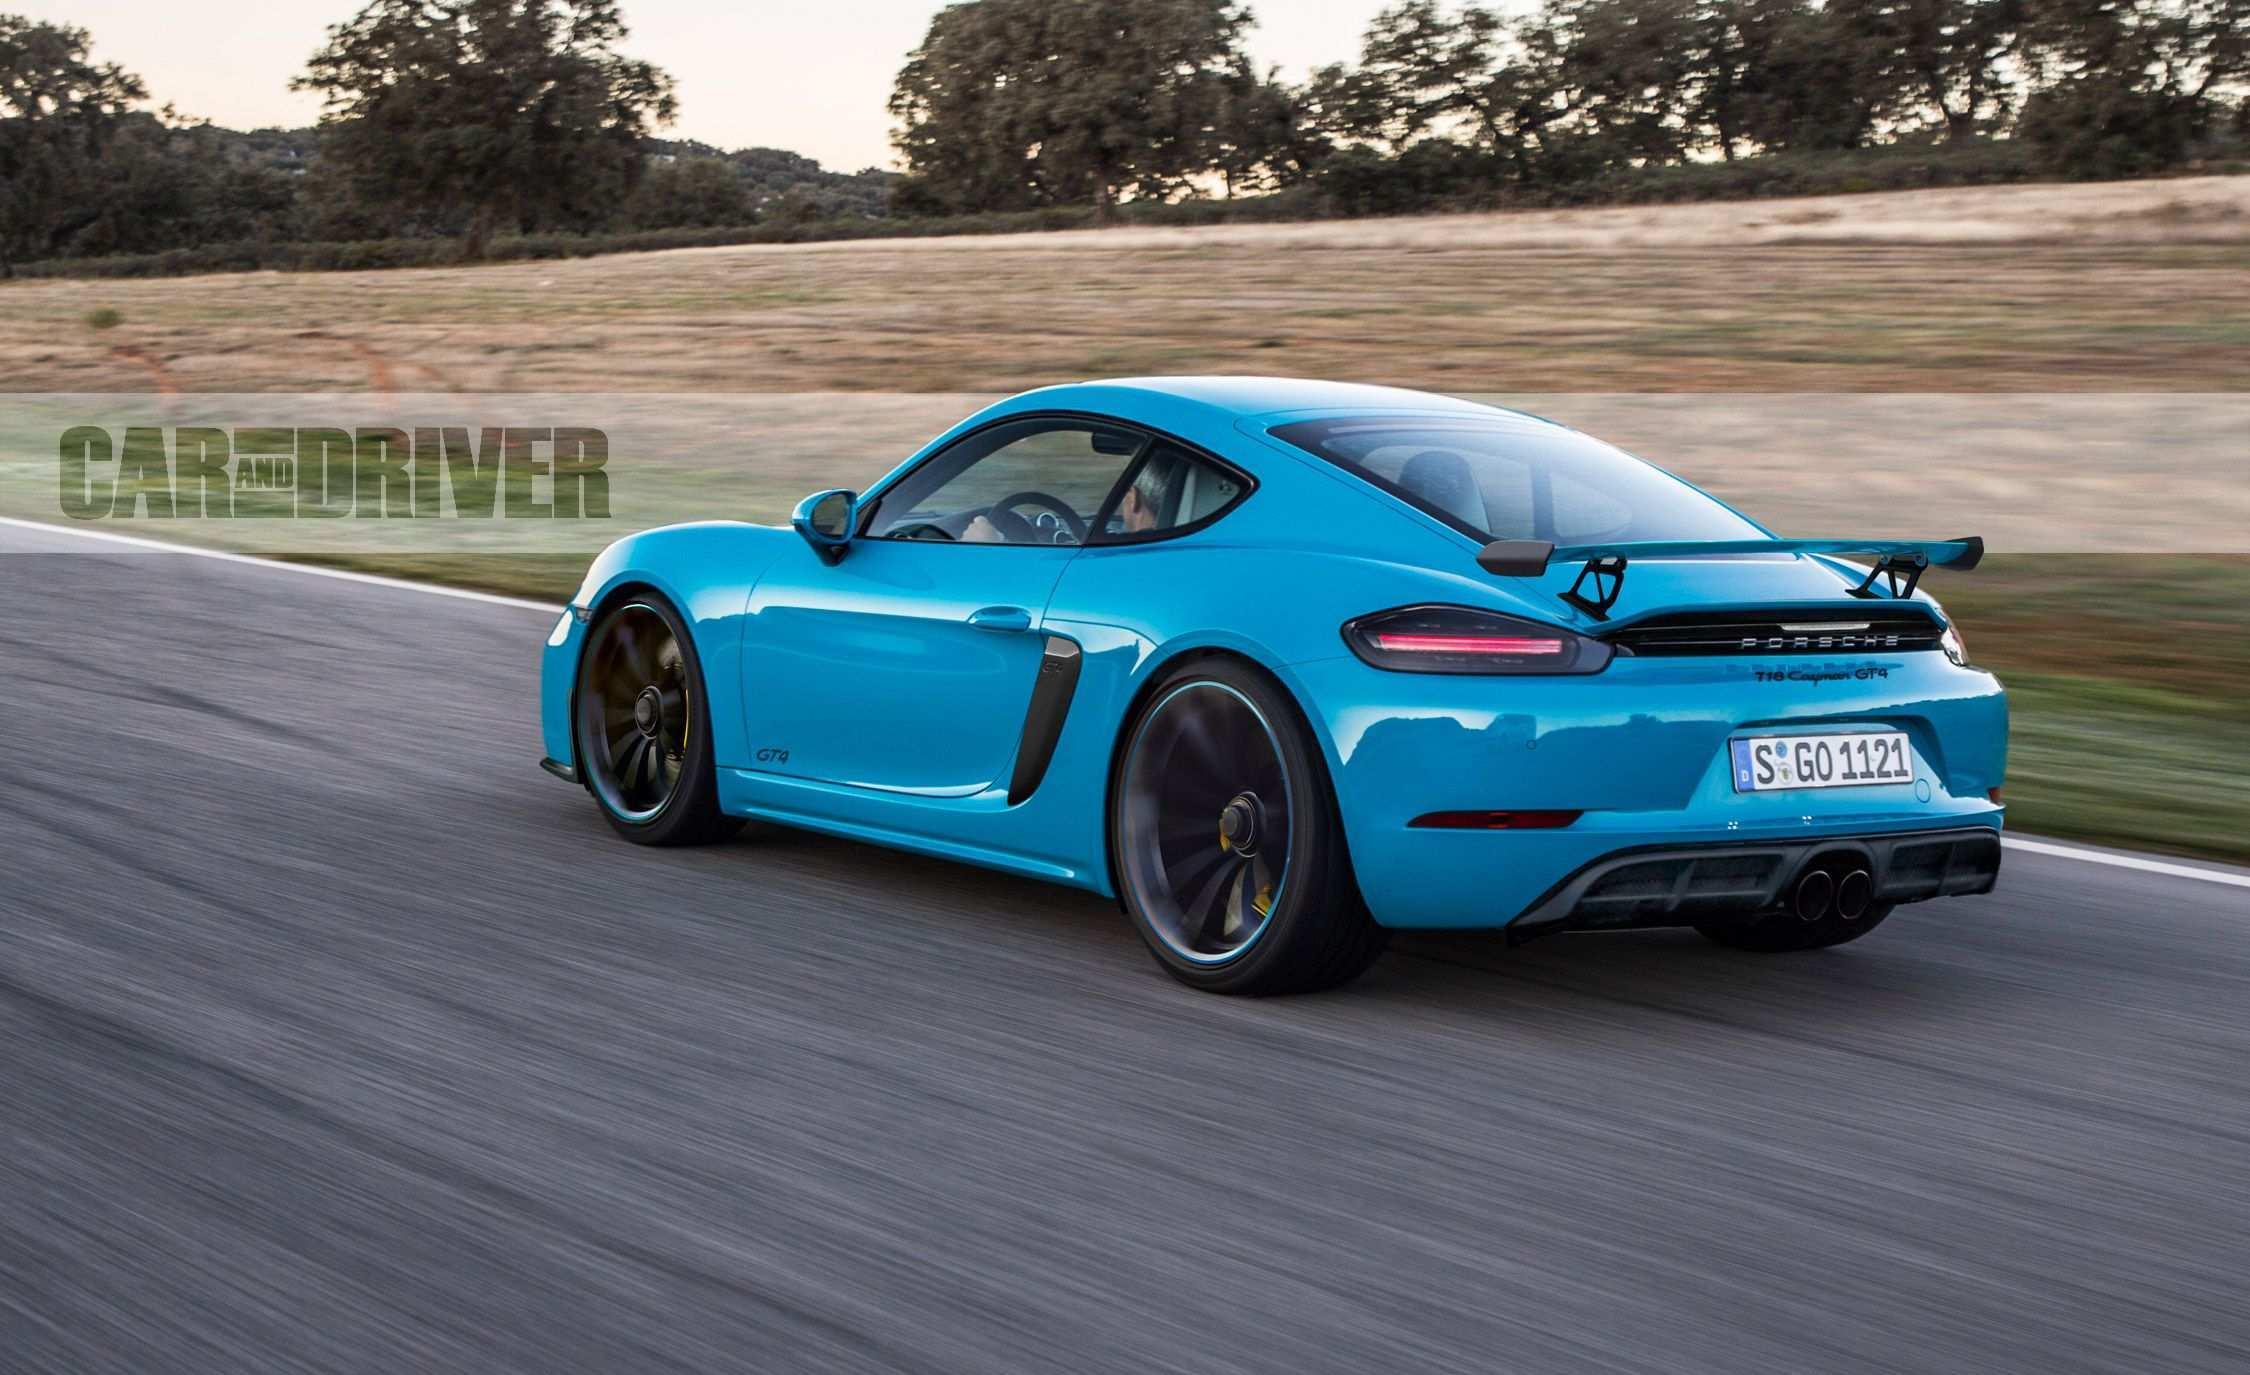 38 Gallery of 2020 Porsche 718 Cayman Prices by 2020 Porsche 718 Cayman